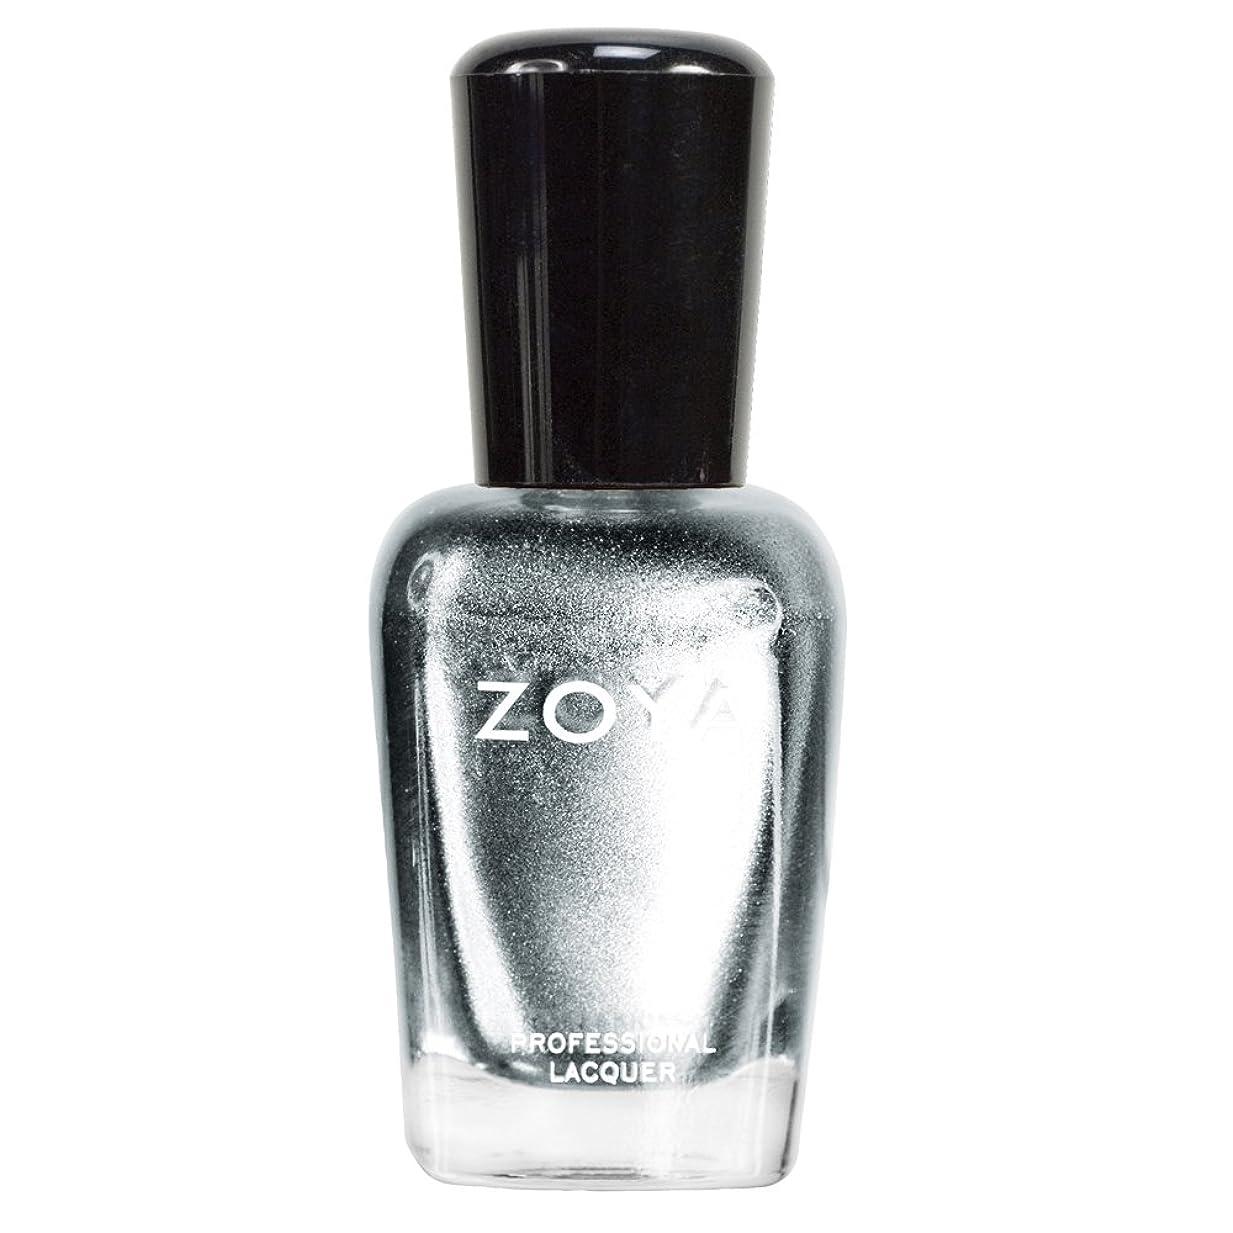 経過確認してください商人ZOYA ゾーヤ ネイルカラーZP389 TRIXIE トリキシィ 15ml シックでエッジの効いたシルバー グリッター/メタリック 爪にやさしいネイルラッカーマニキュア